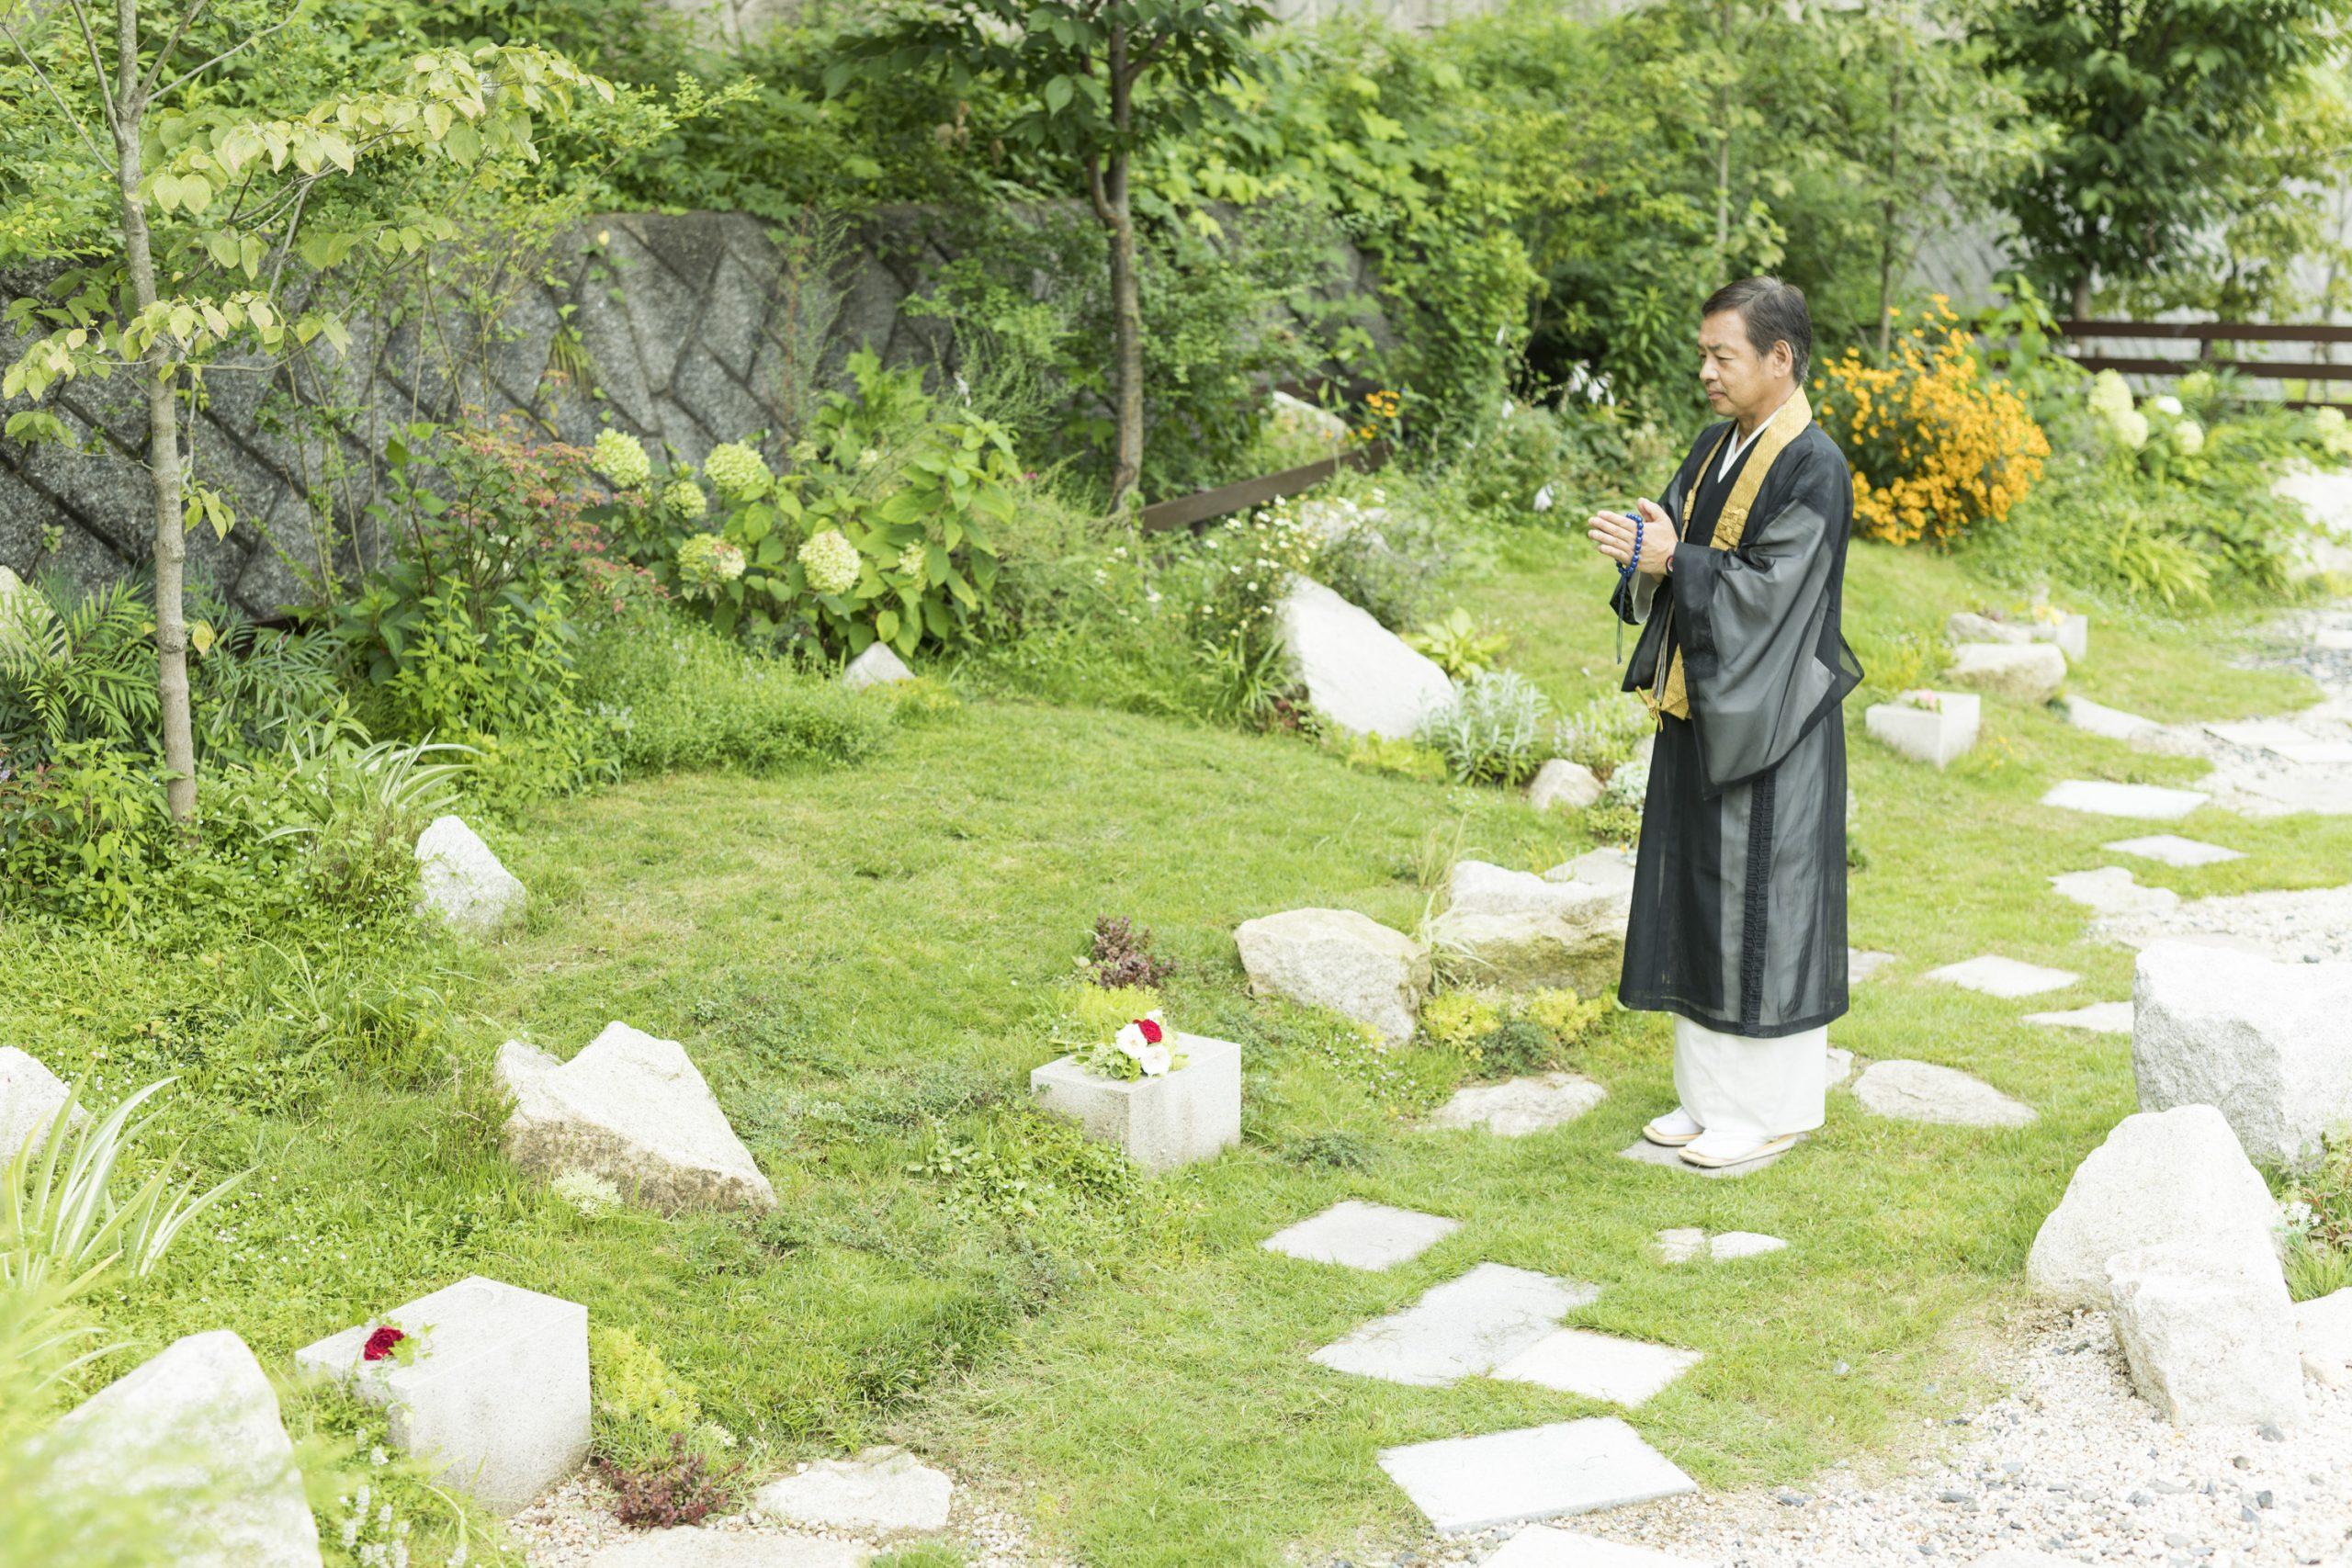 【お客様の声】月の庭:天ケ瀬メモリアル公園